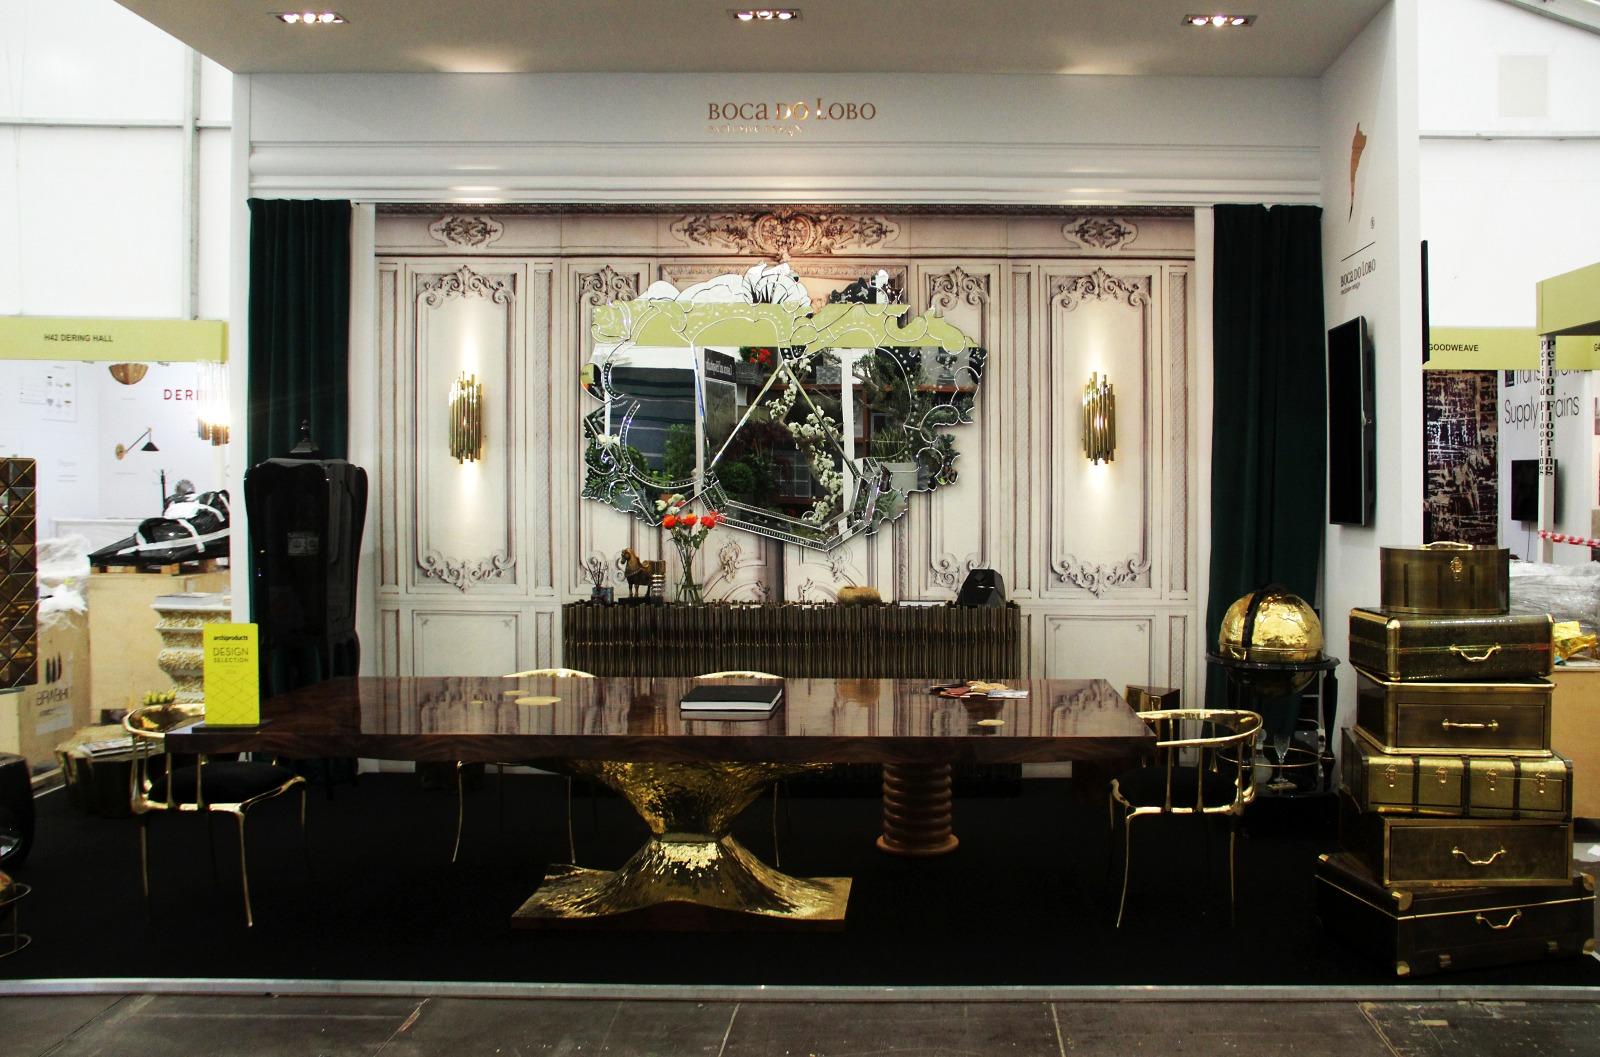 LuxuryMade LuxuryMade LuxuryMade в Лондоне, идеальное место для новой порции вдохновения 9cae9c84 10d7 4adf 9a9d 16d0731c271b